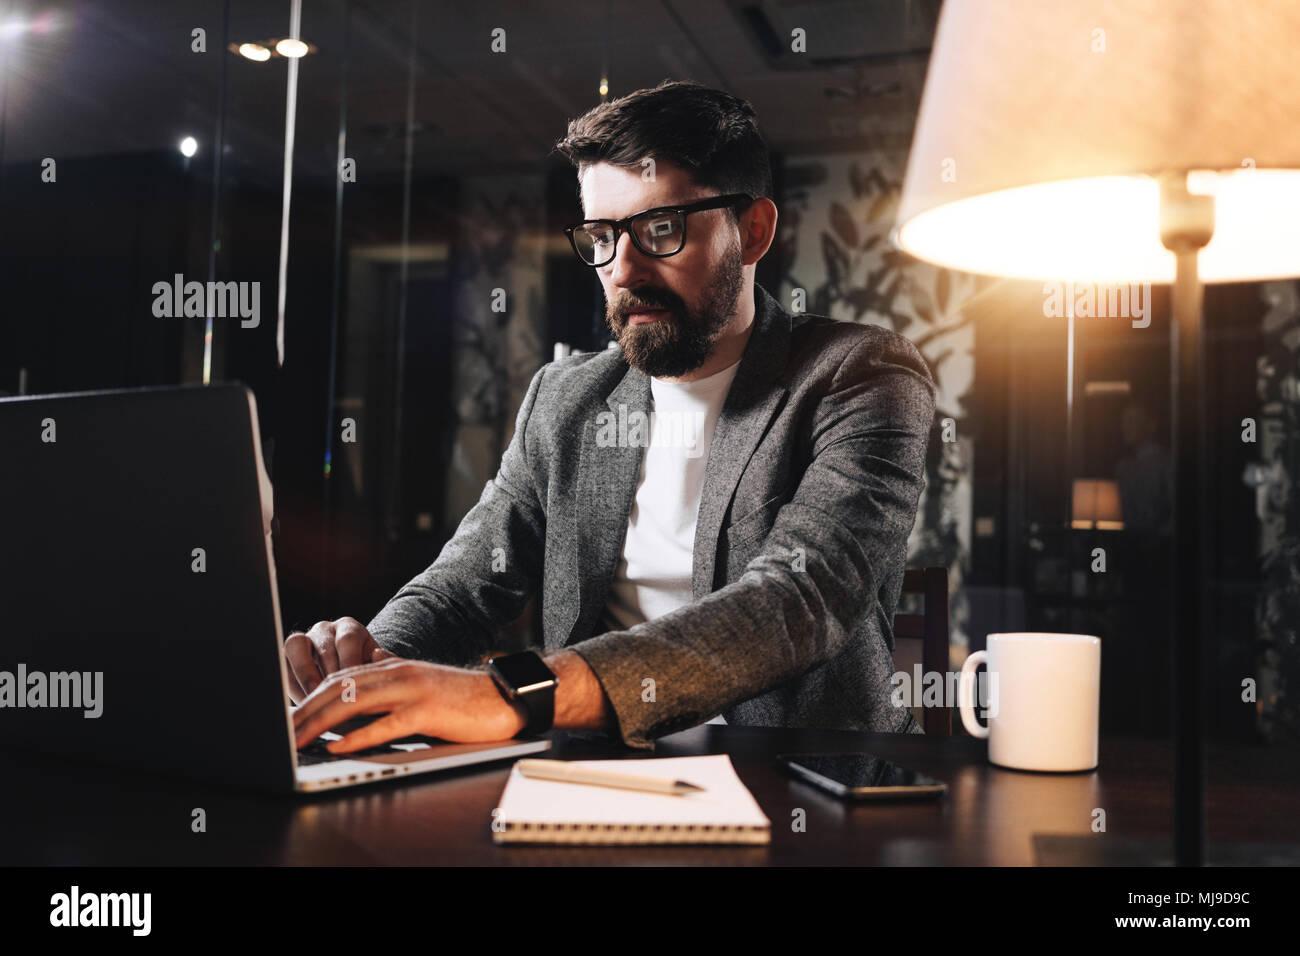 Empresario joven barbudo trabajando en la oficina de espacio abierto por la noche. El hombre moderno con bloc de notas, escribir el texto. Compañero de trabajo. Efecto de película Imagen De Stock